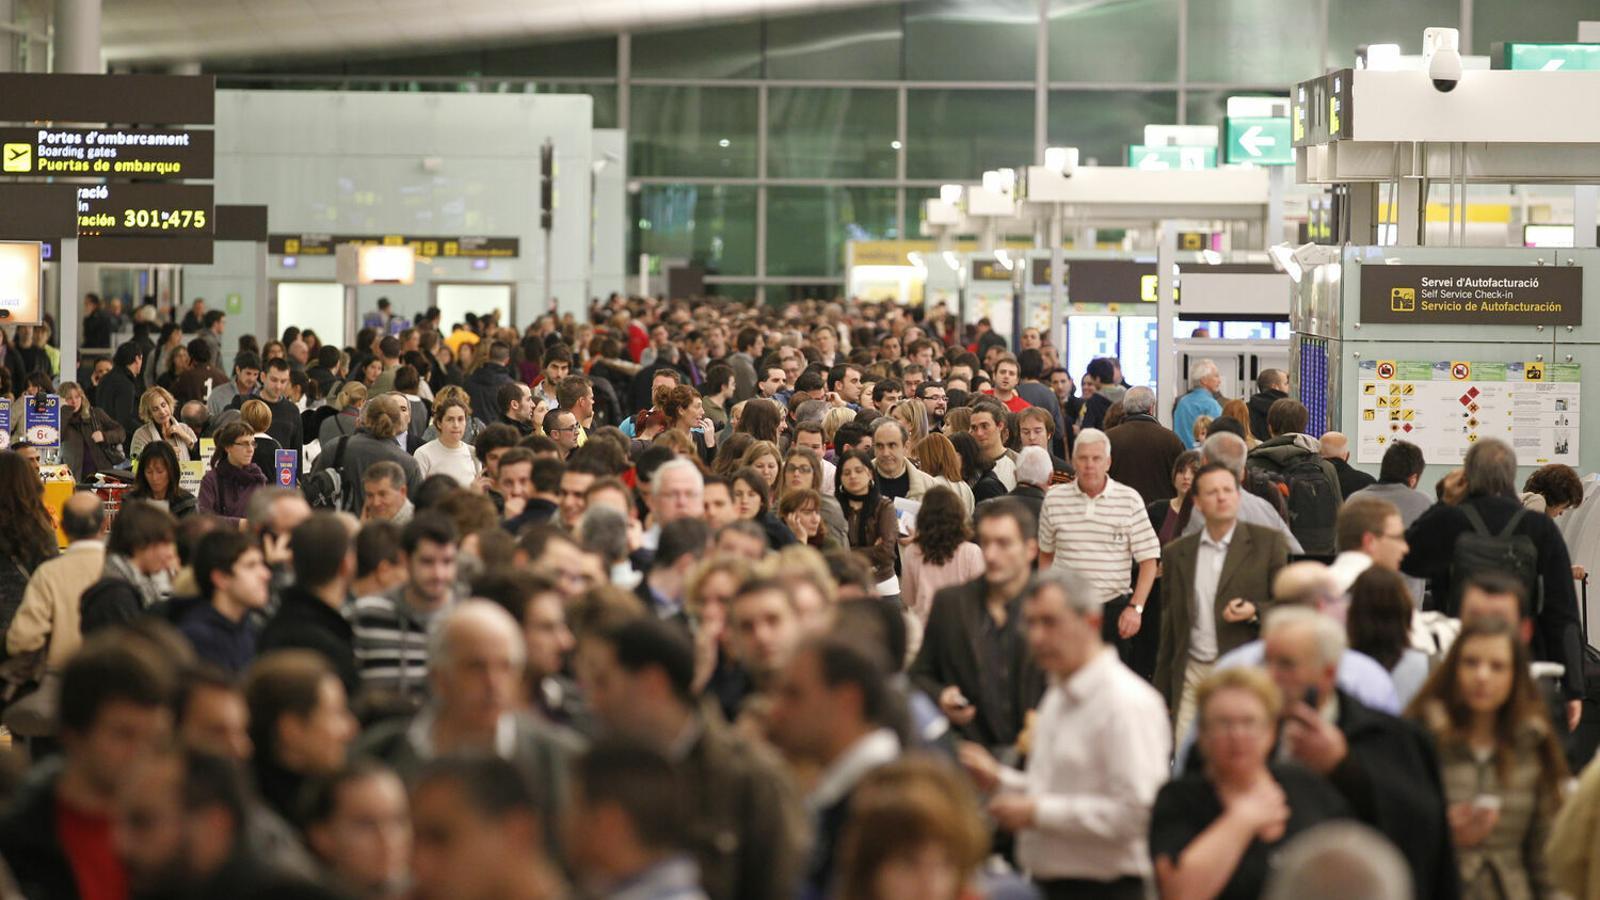 Aena preveu que el 2025 passin 4 milions més de passatgers que enguany per l'Aeroport de Palma